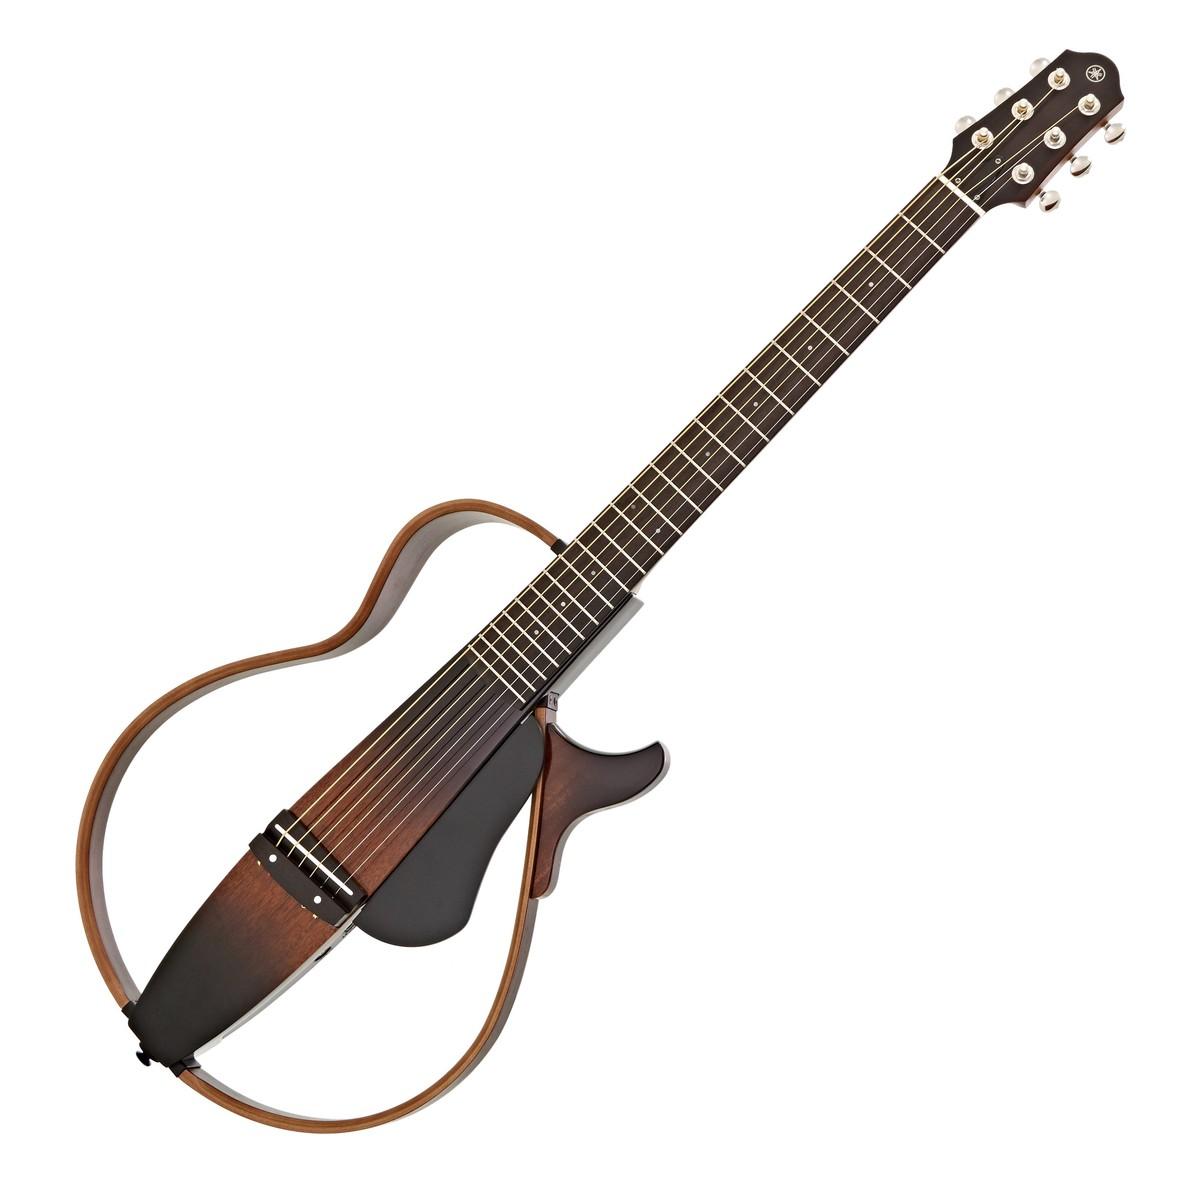 yamaha slg200s steel string silent guitar tobacco brown. Black Bedroom Furniture Sets. Home Design Ideas